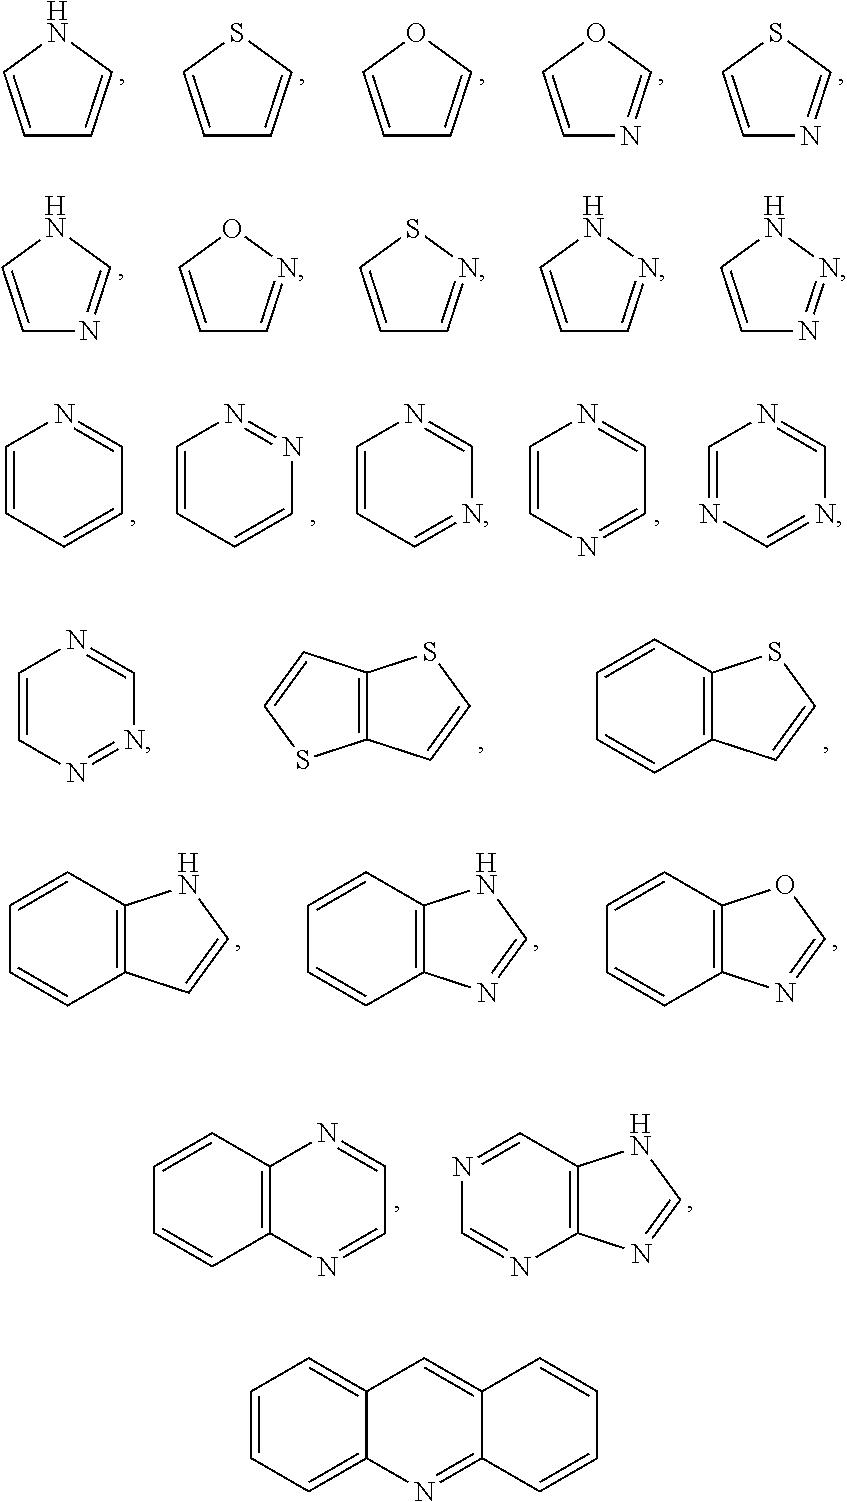 Figure US08283369-20121009-C00018